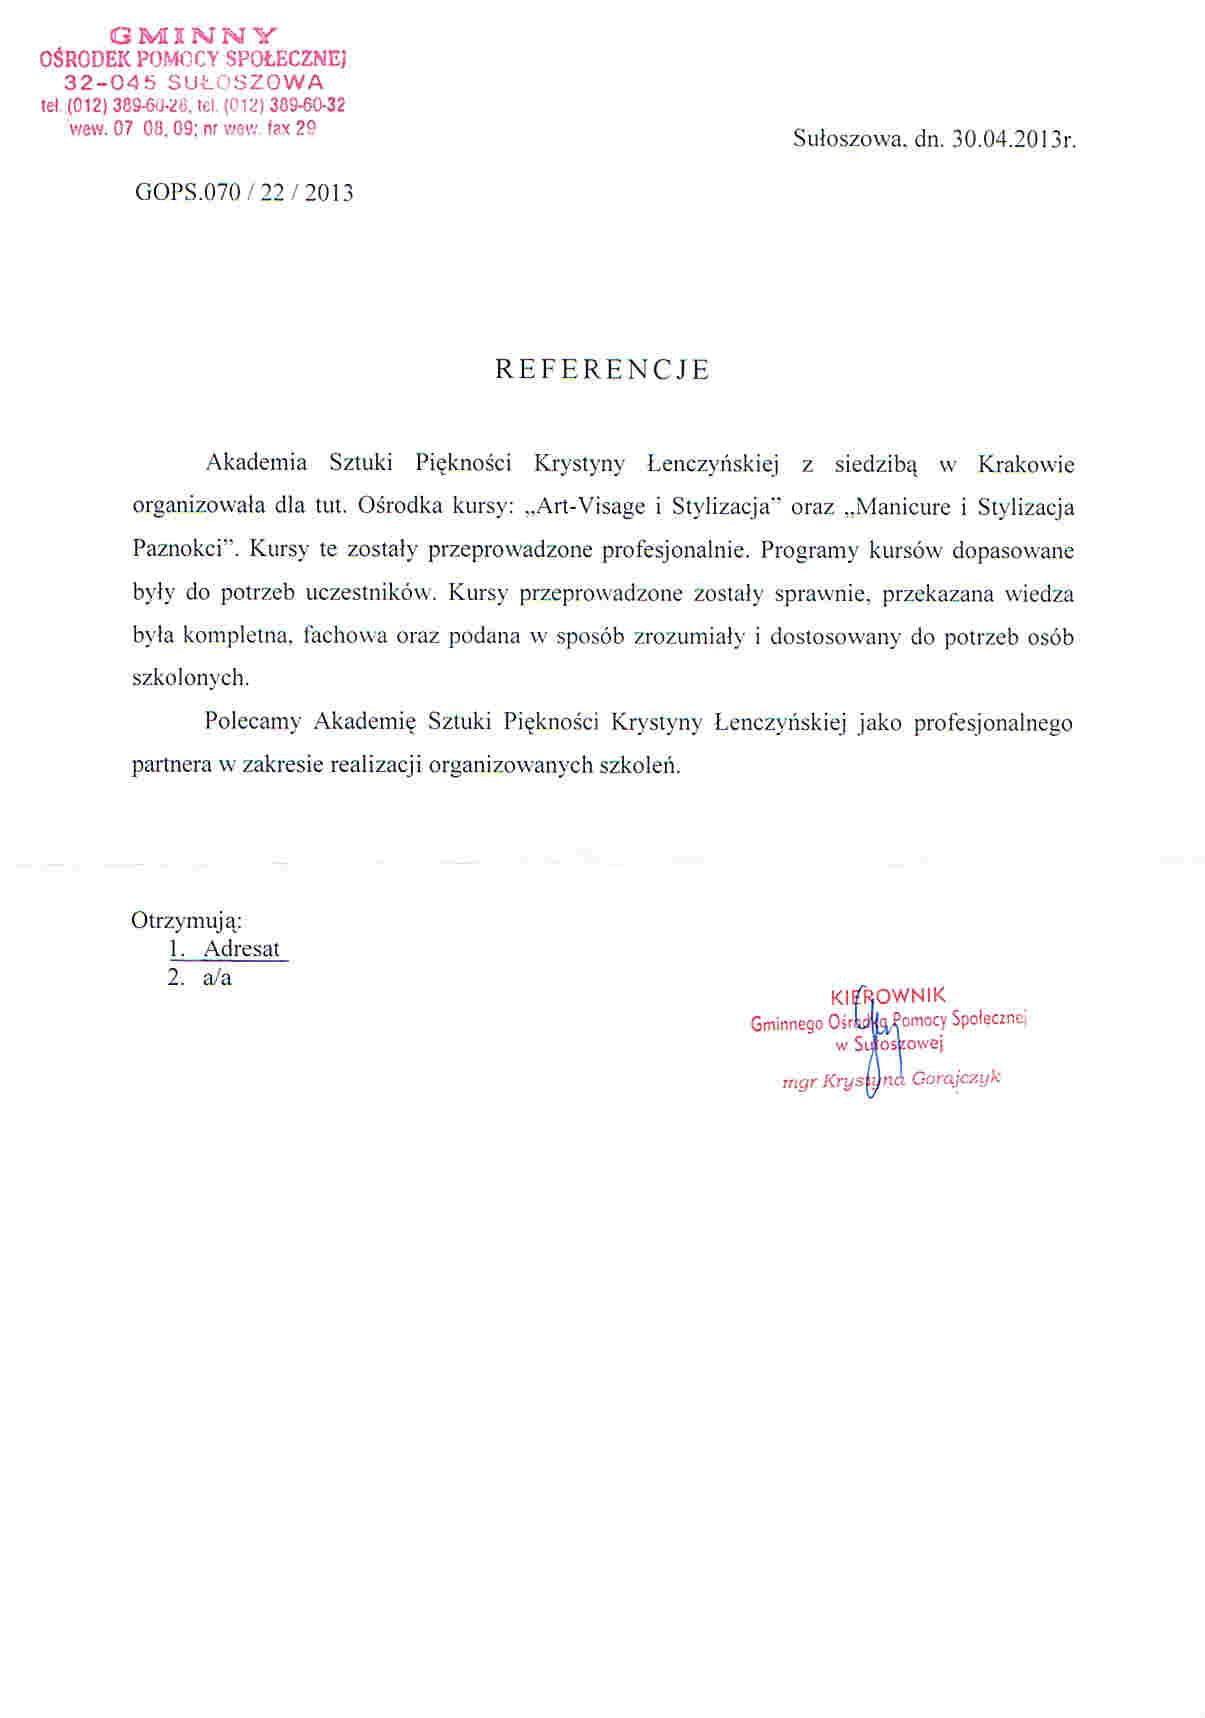 Gminny Ośrodek Pomocy Społecznej w Sułoszowej-Sułoszowa